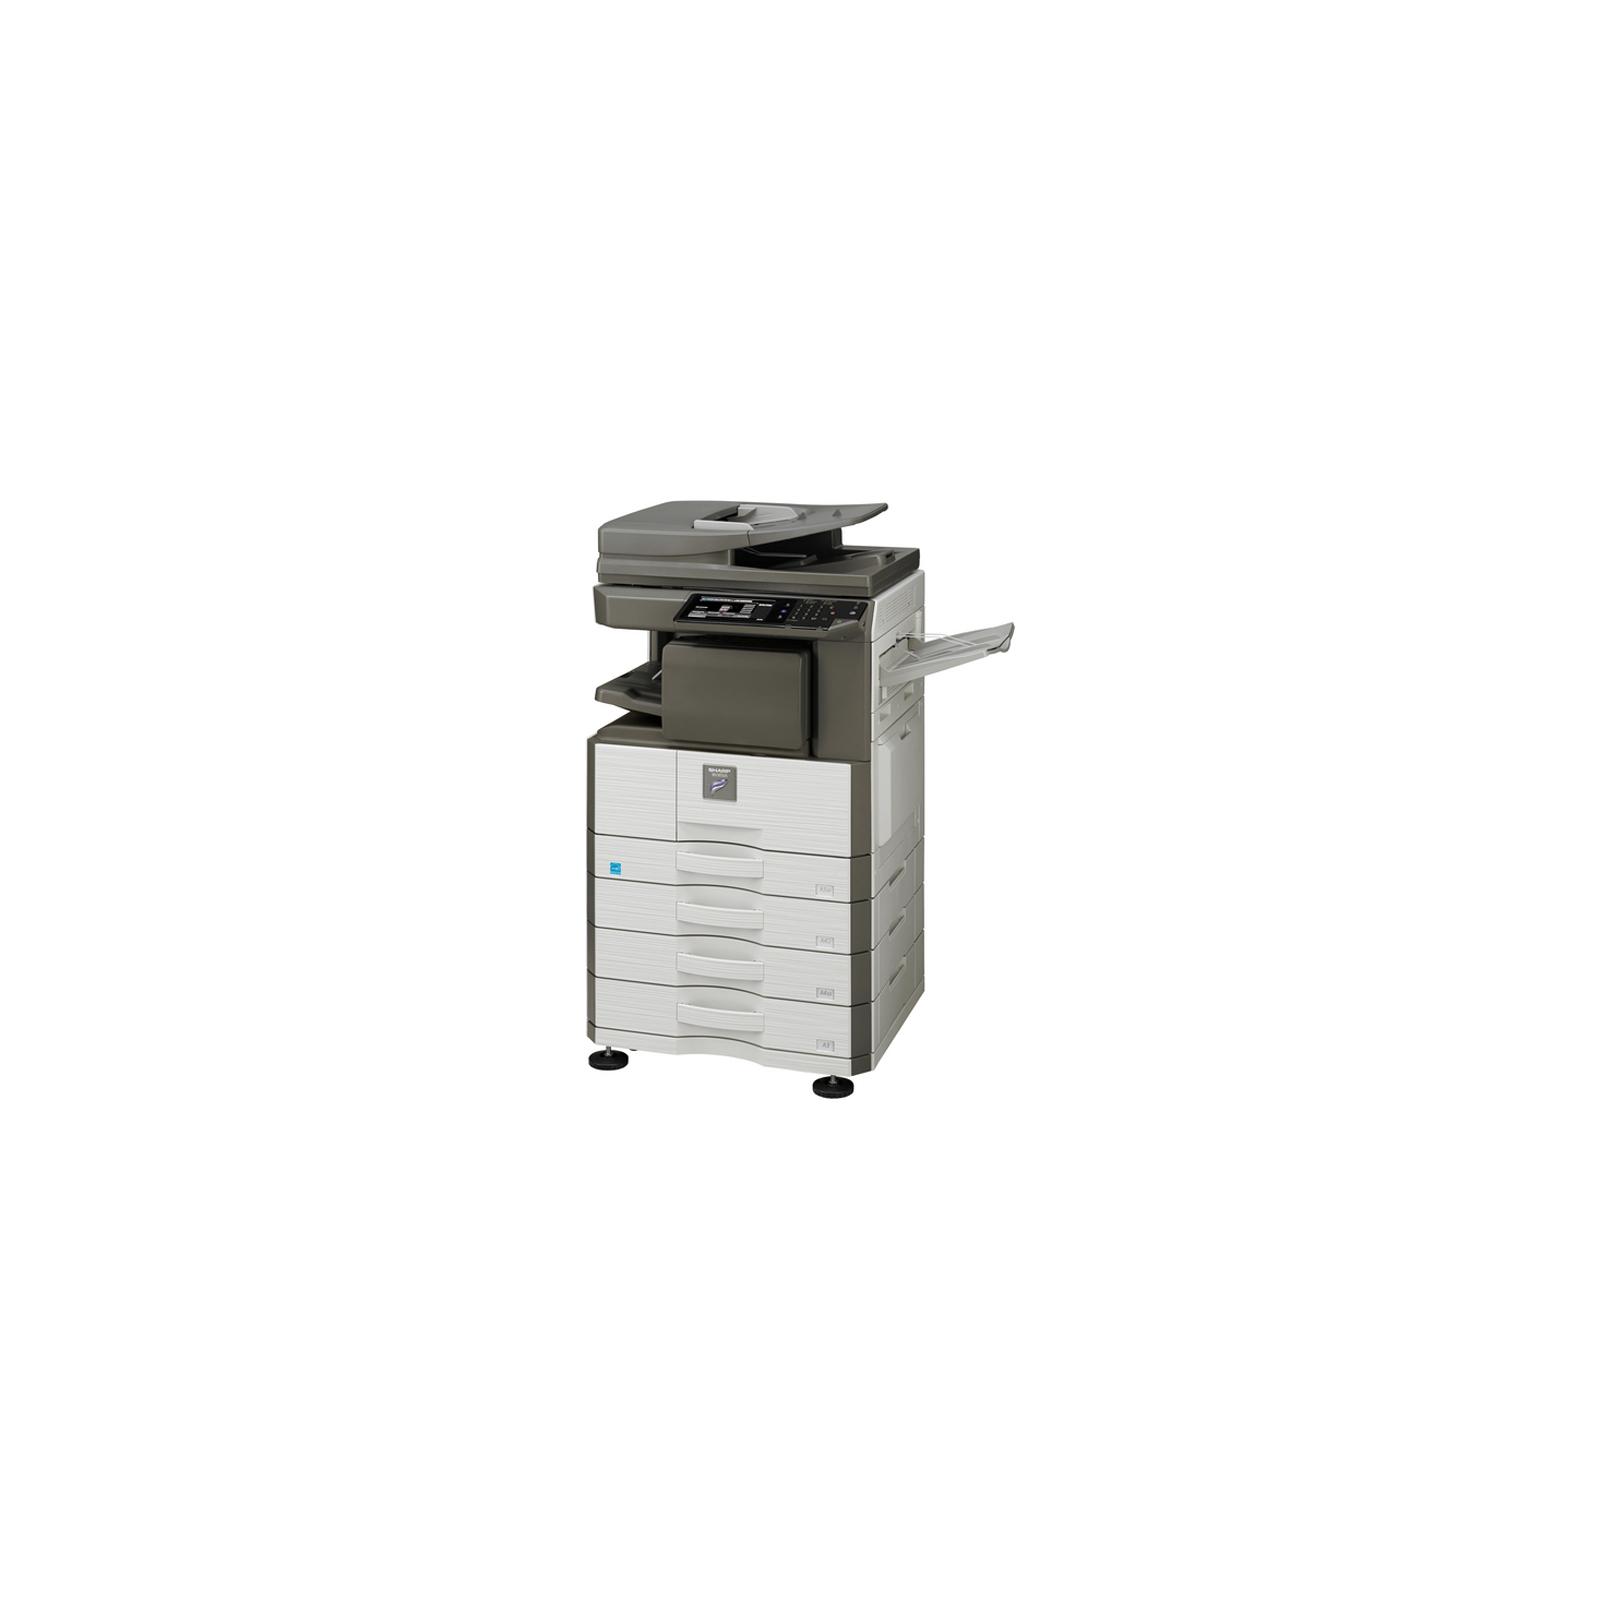 Многофункциональное устройство SHARP MXM2666N (MXM266N) изображение 2